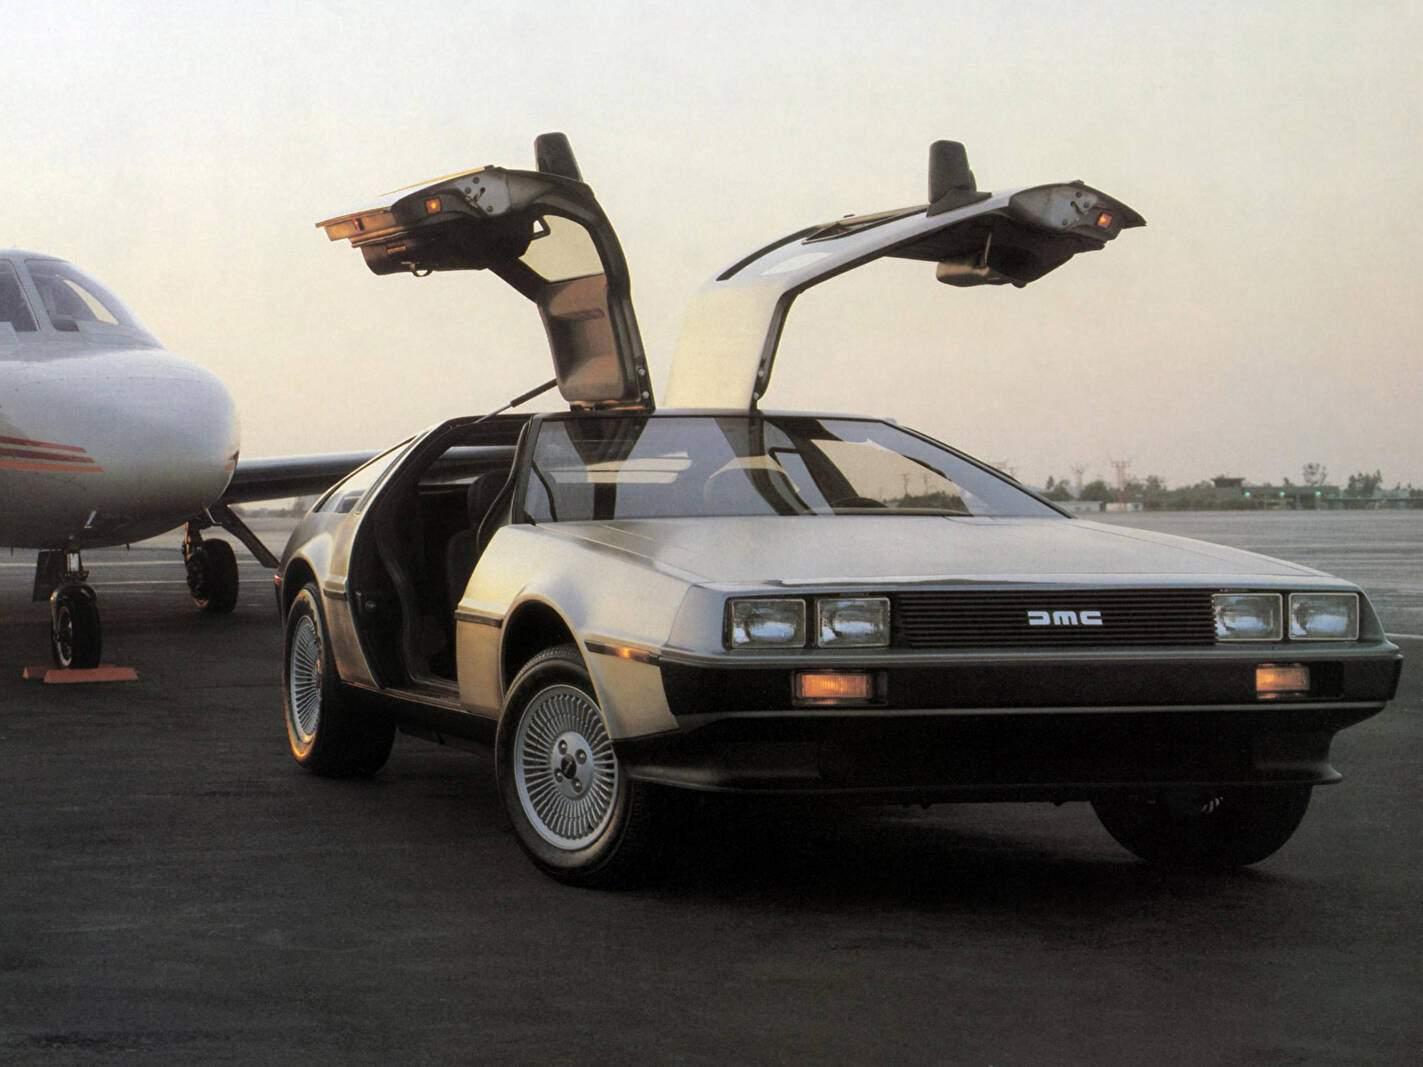 De Lorean DMC 12 (1981-1983),  ajouté par fox58